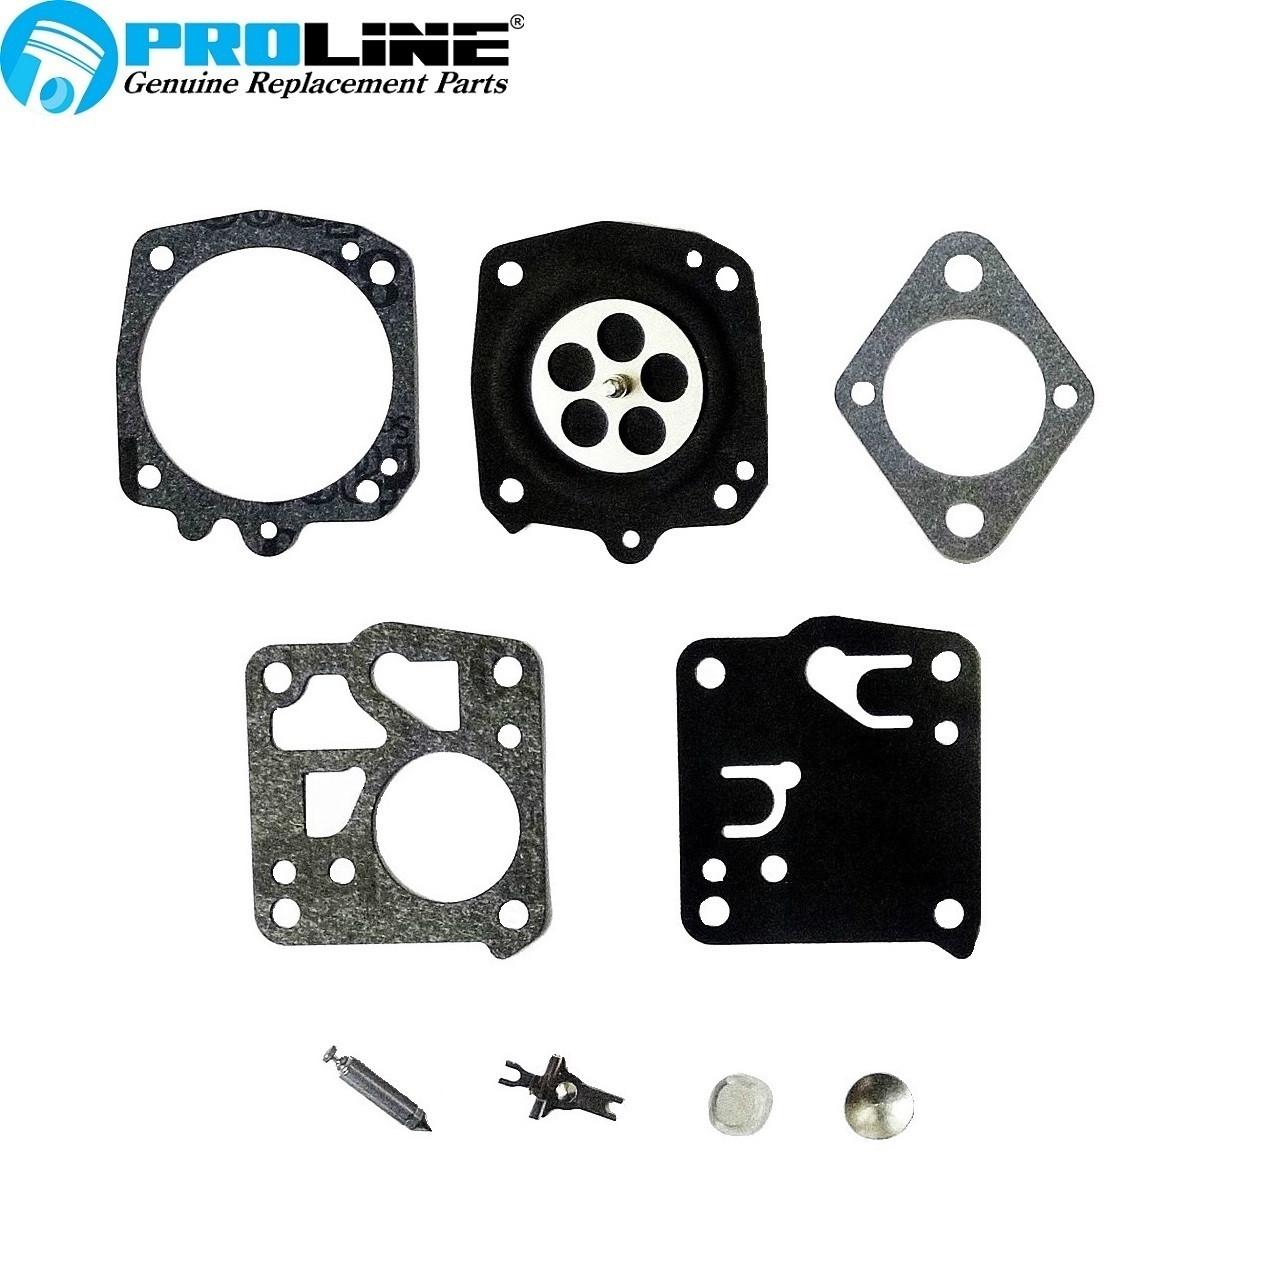 Proline® Carburetor Kit For Wacker BS45Y BS60Y BS62Y BS500 RK-27HS